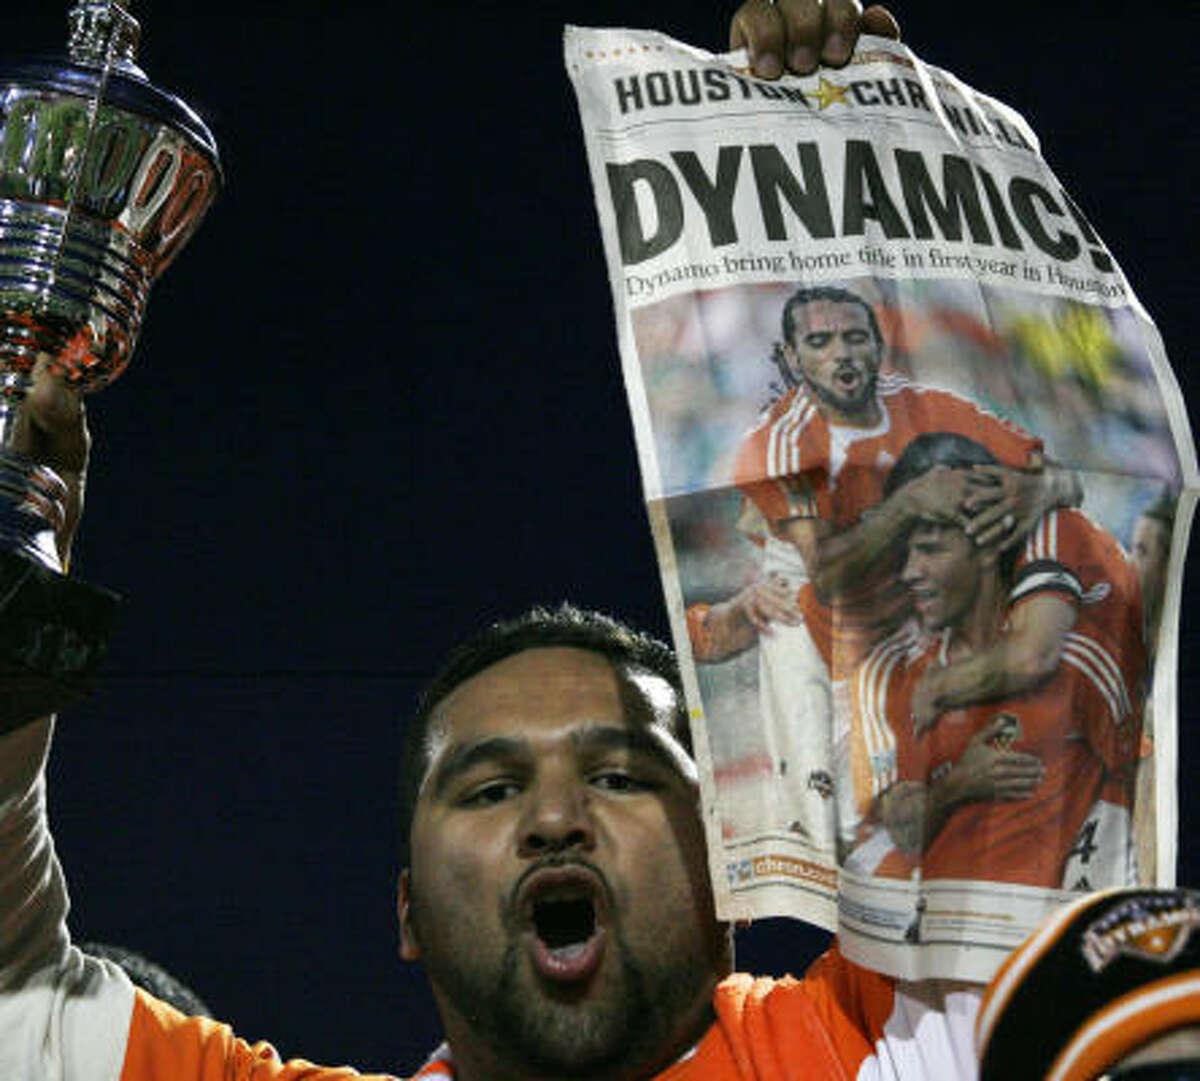 MLS action is fan-tastic for Dynamo backer Maximiliano Cárdenas III.